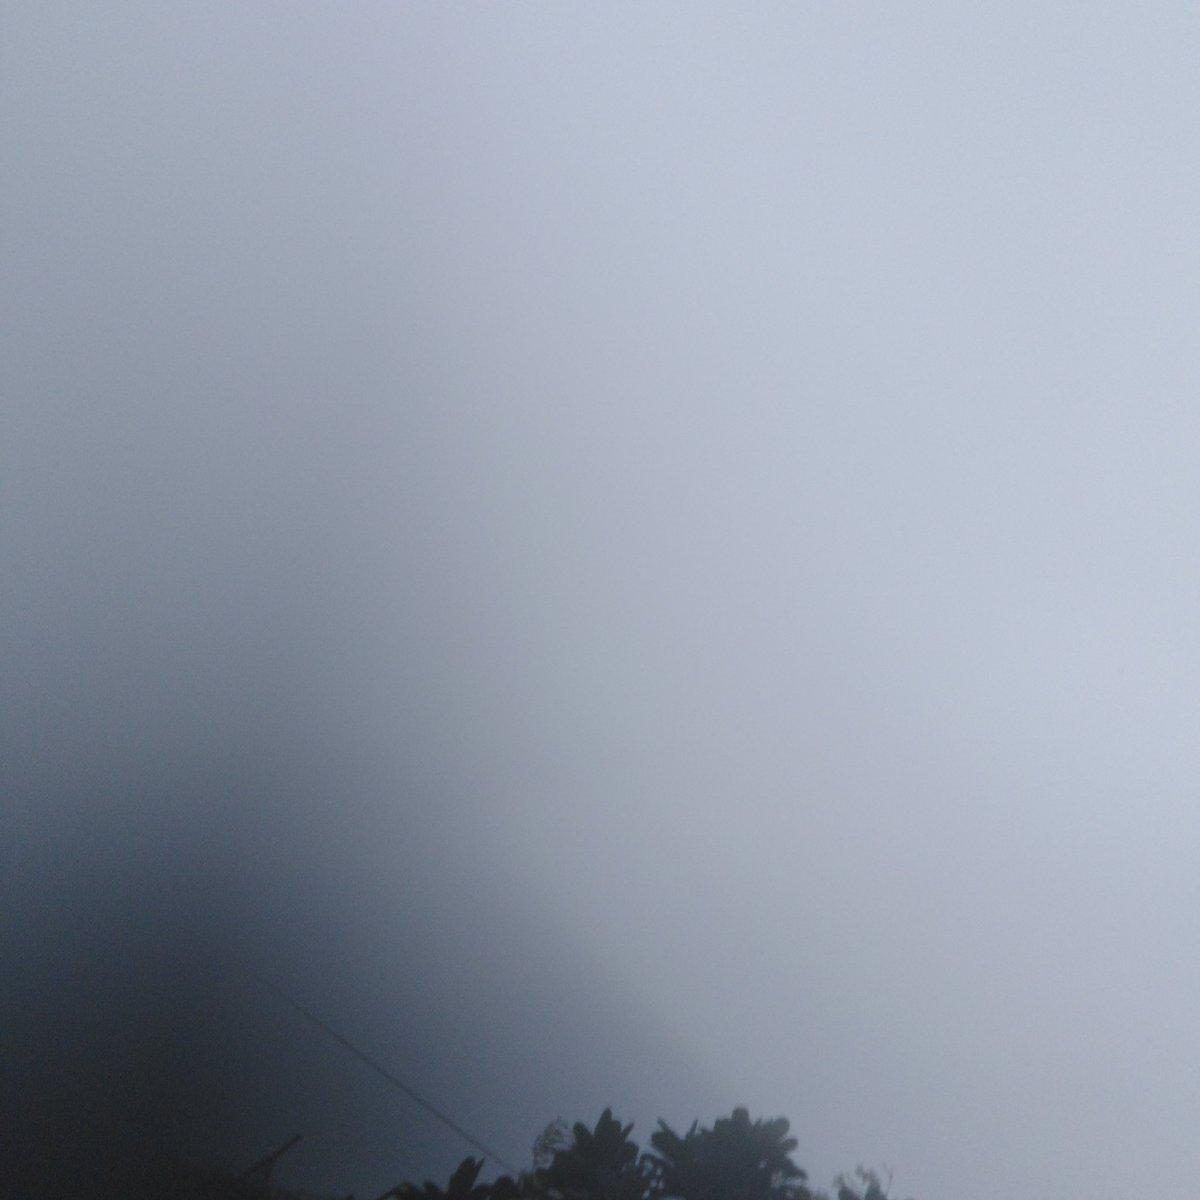 RAIN MORNING  #good_morning #صباح_الخير pic.twitter.com/hFDWQl0yeZ